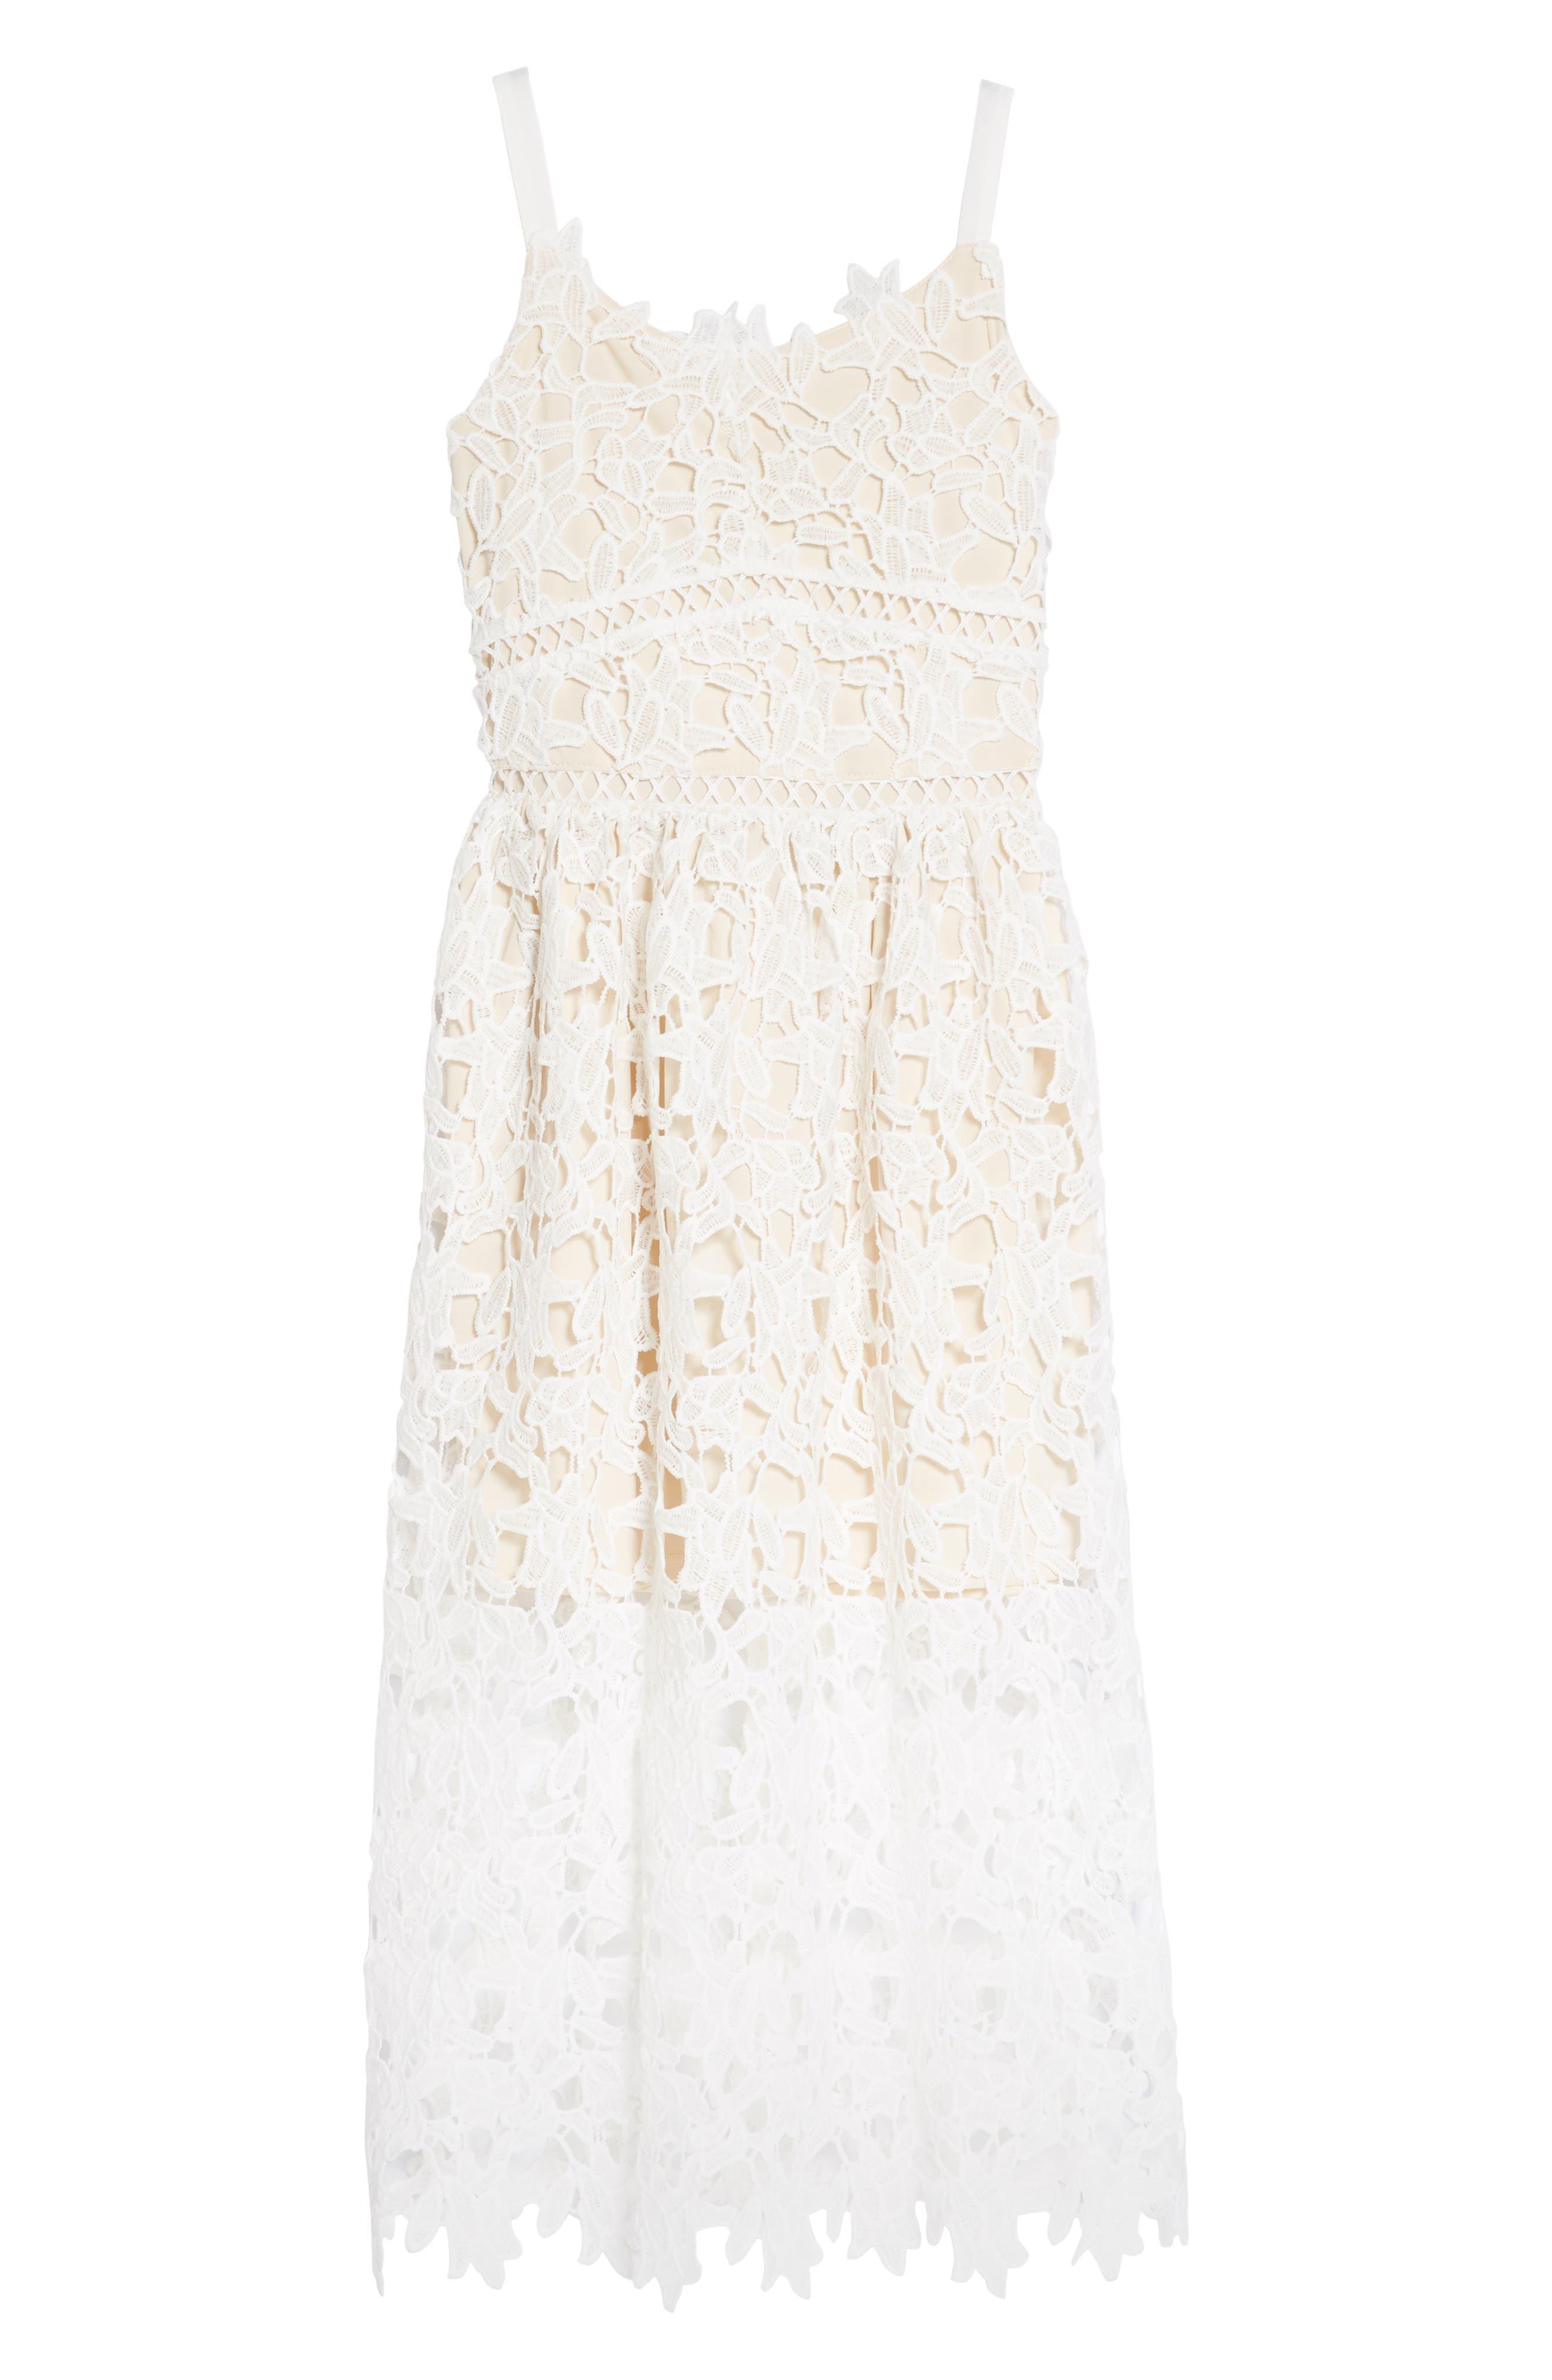 Floral Lace Dress,                         Main,                         color, White/ Tan